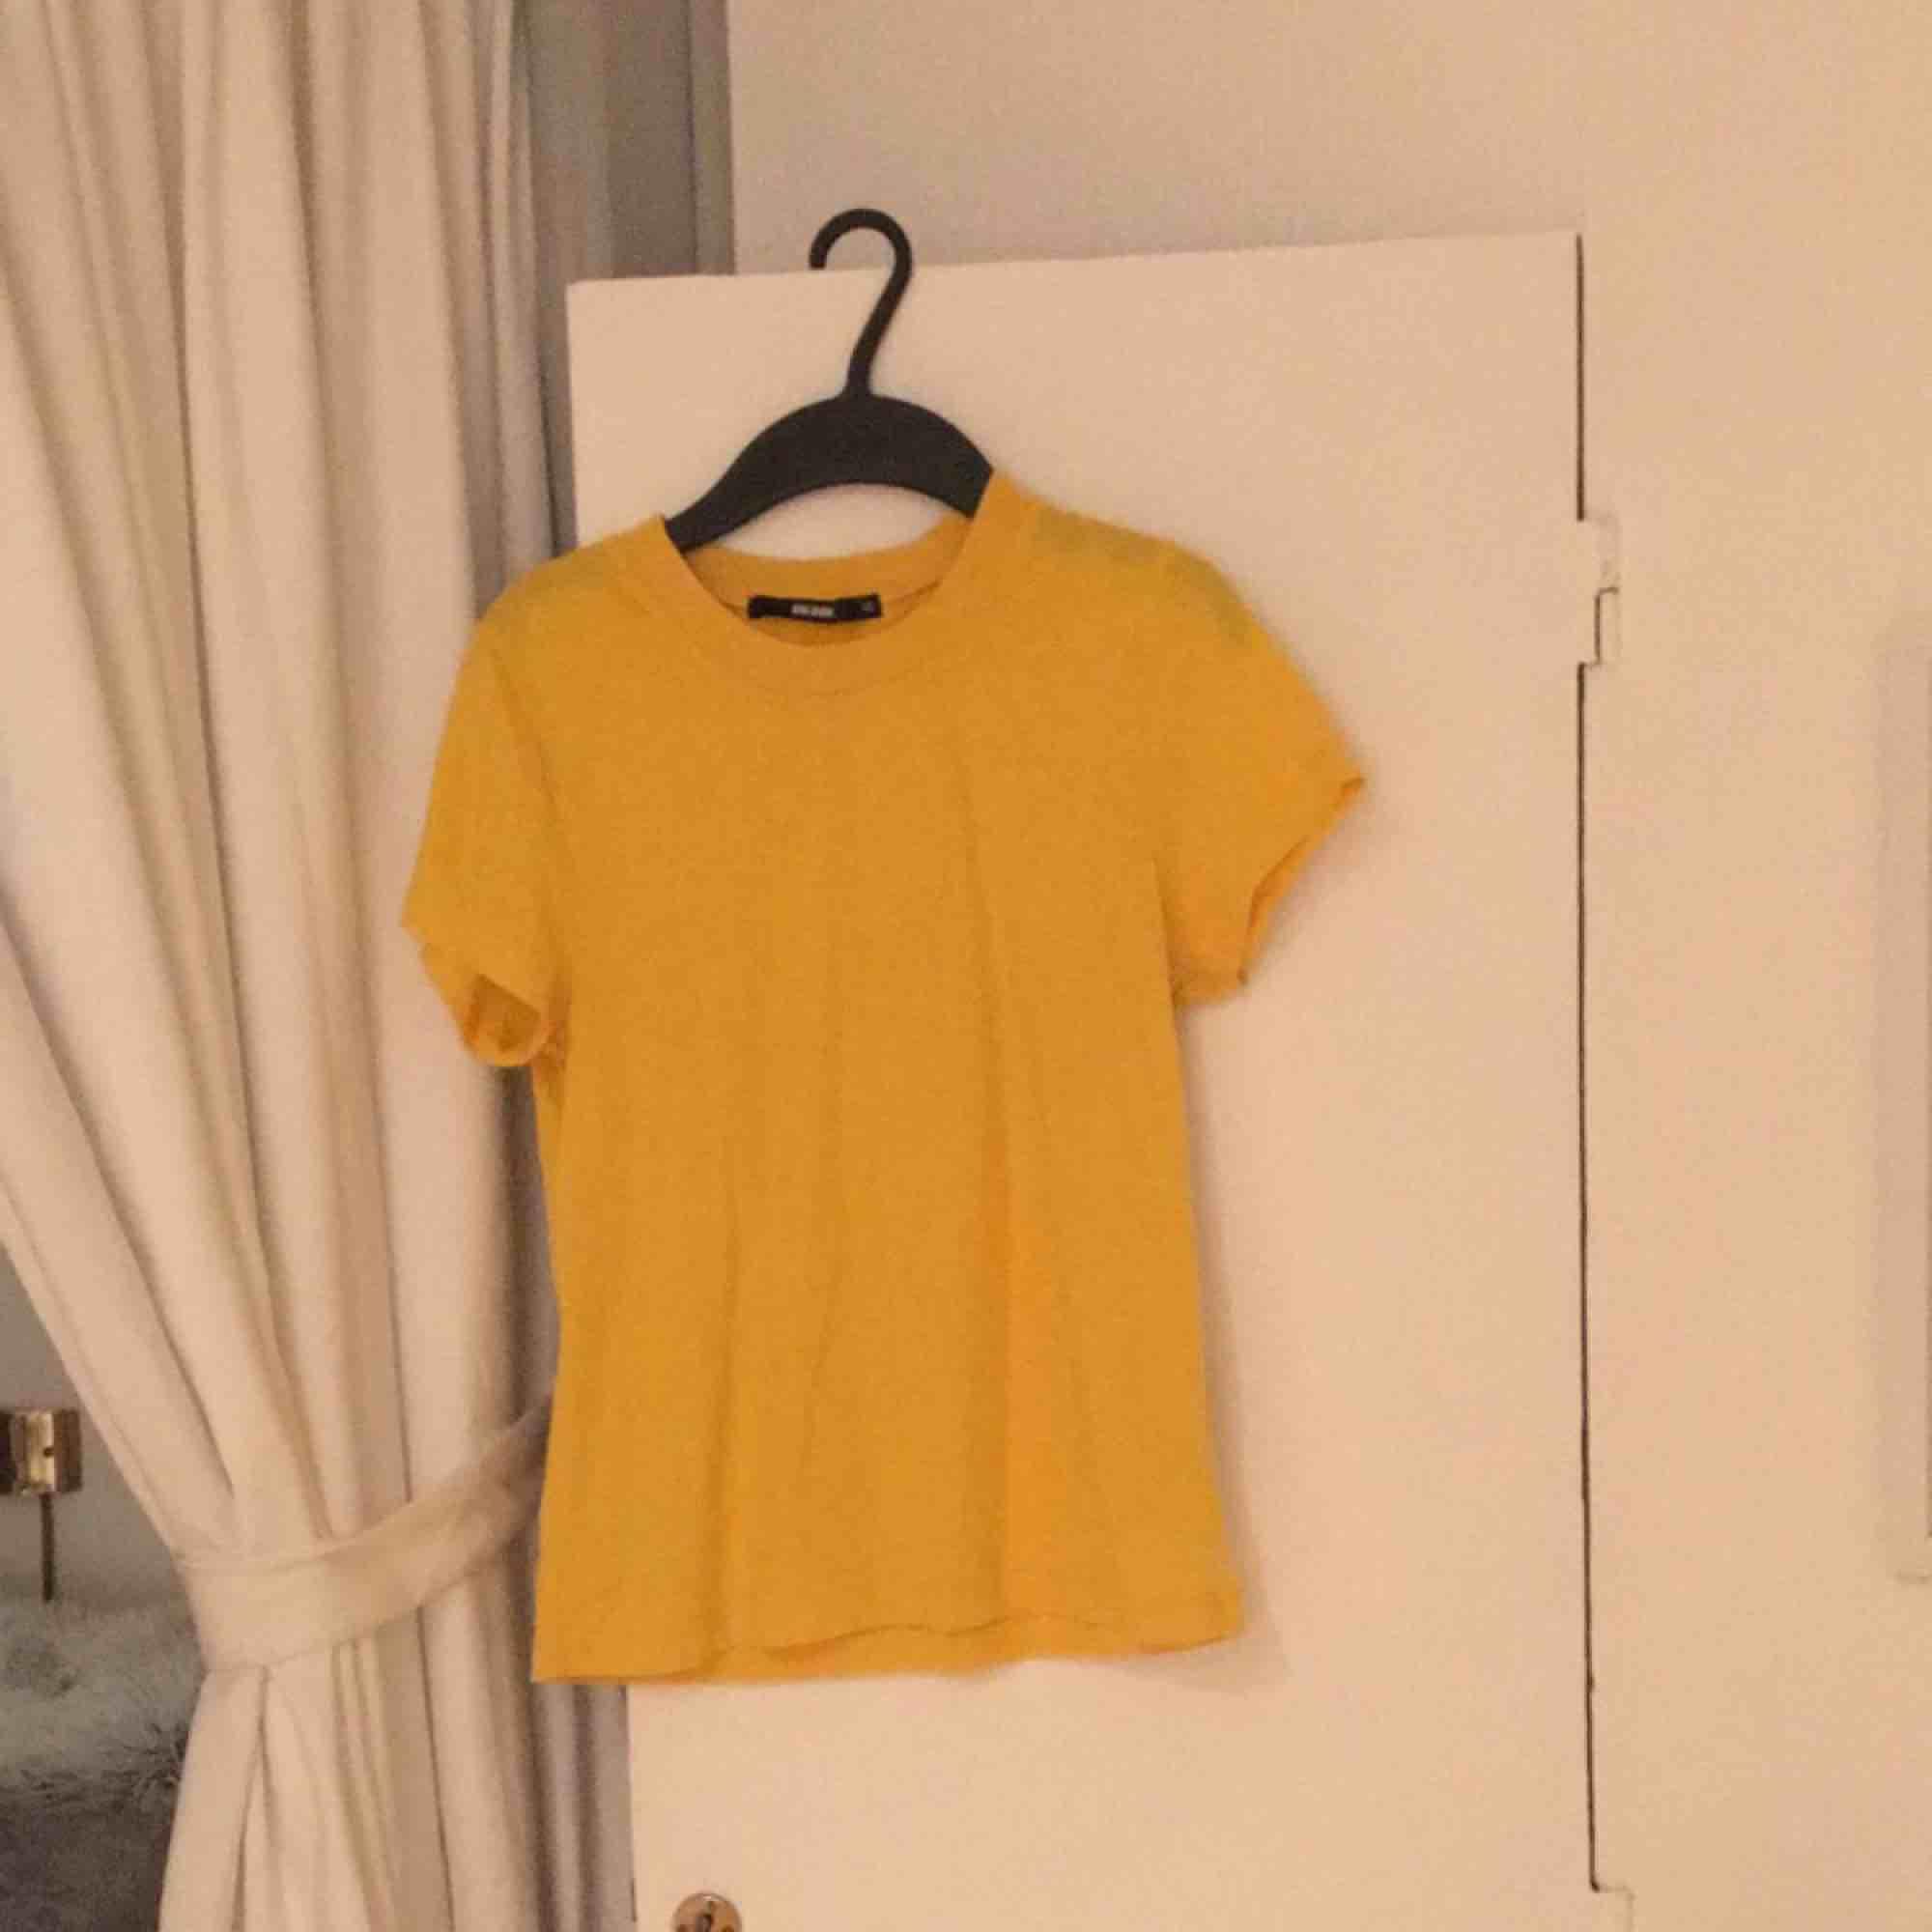 Gul t-shirt från bikbok, knappt använd. Betalas med swish, 20kr +frakt. Fråga gärna frågor!. T-shirts.